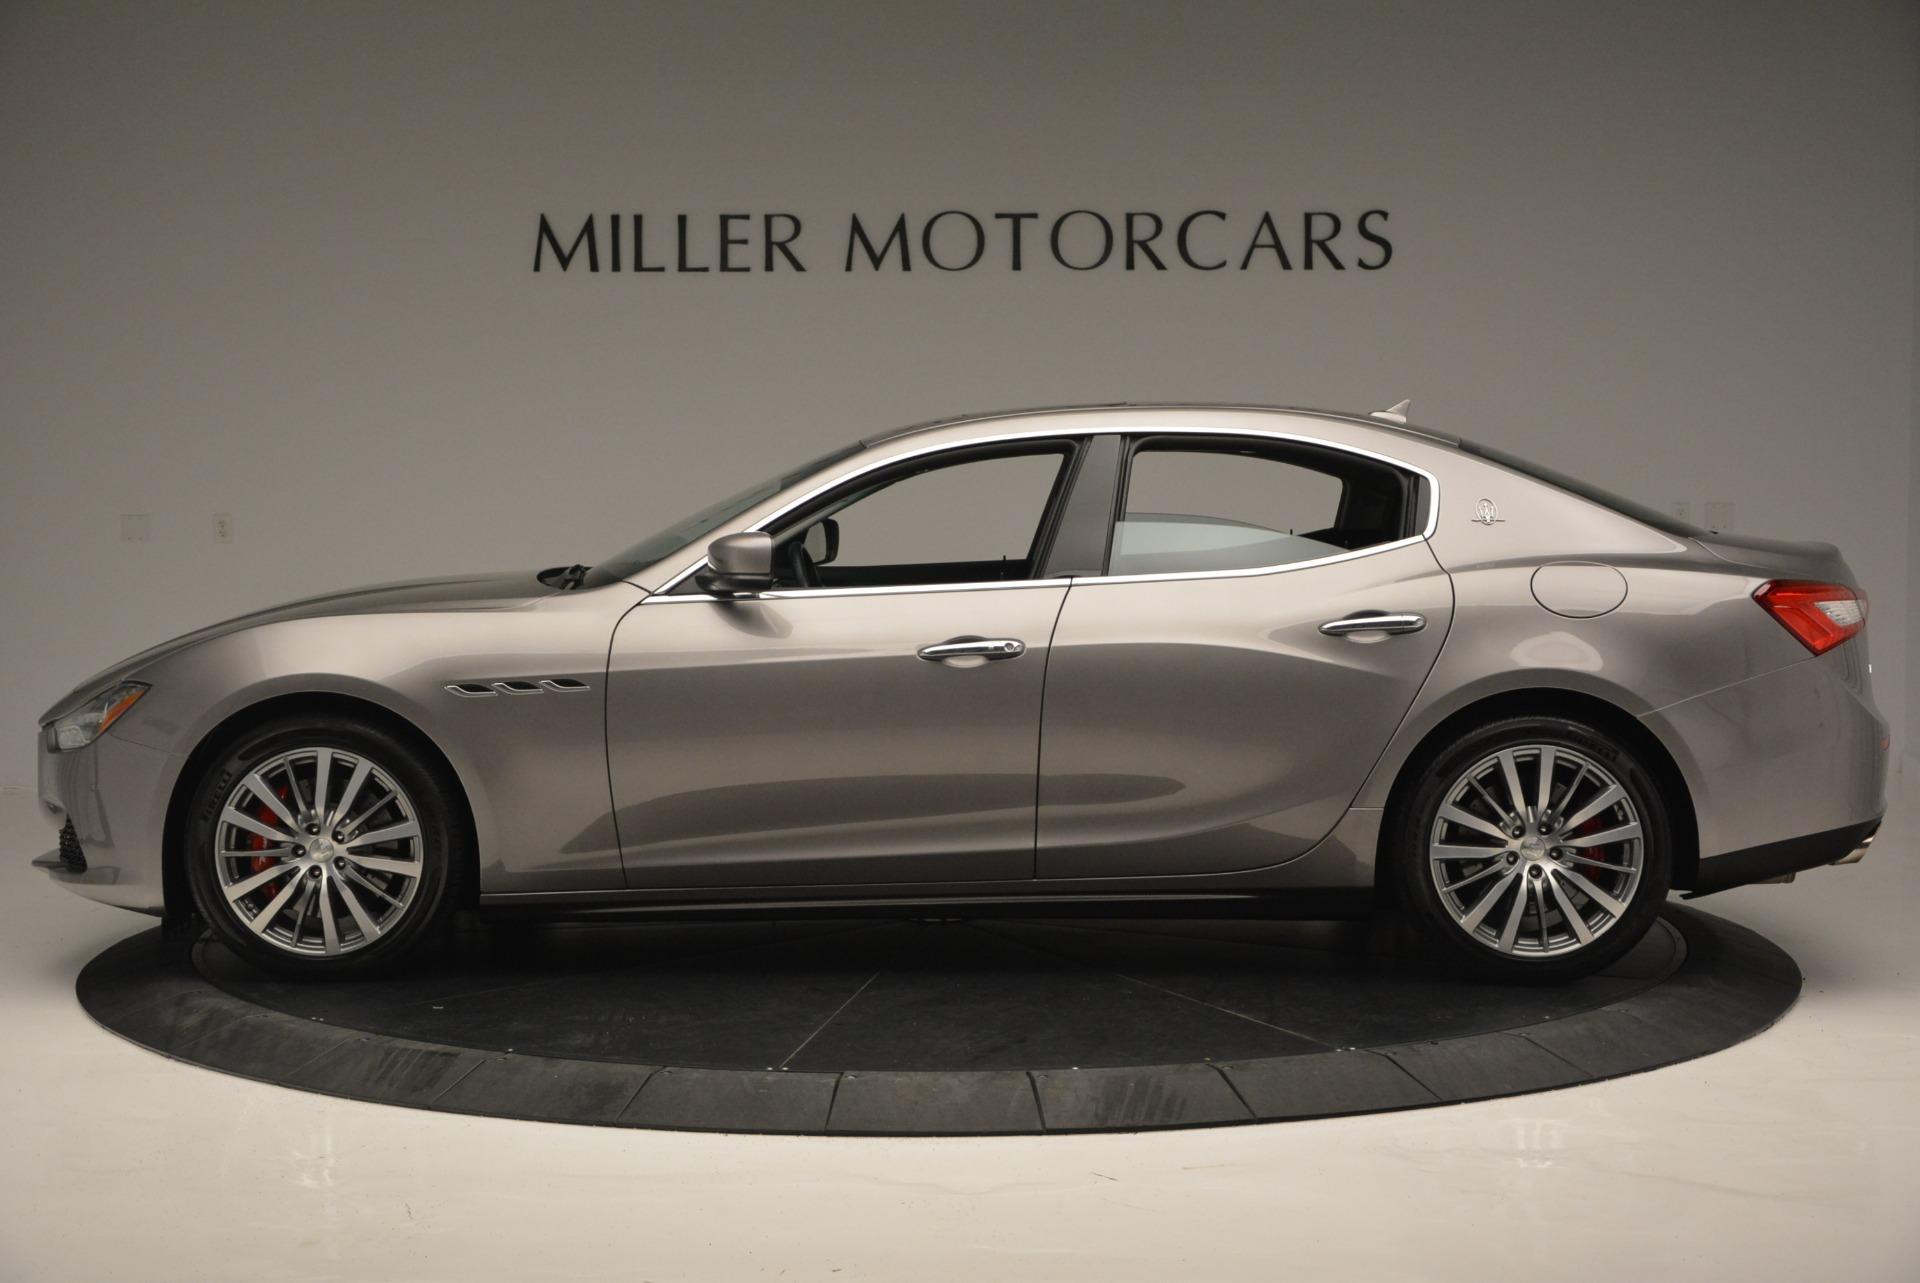 New 2017 Maserati Ghibli S Q4 For Sale In Greenwich, CT 848_p3